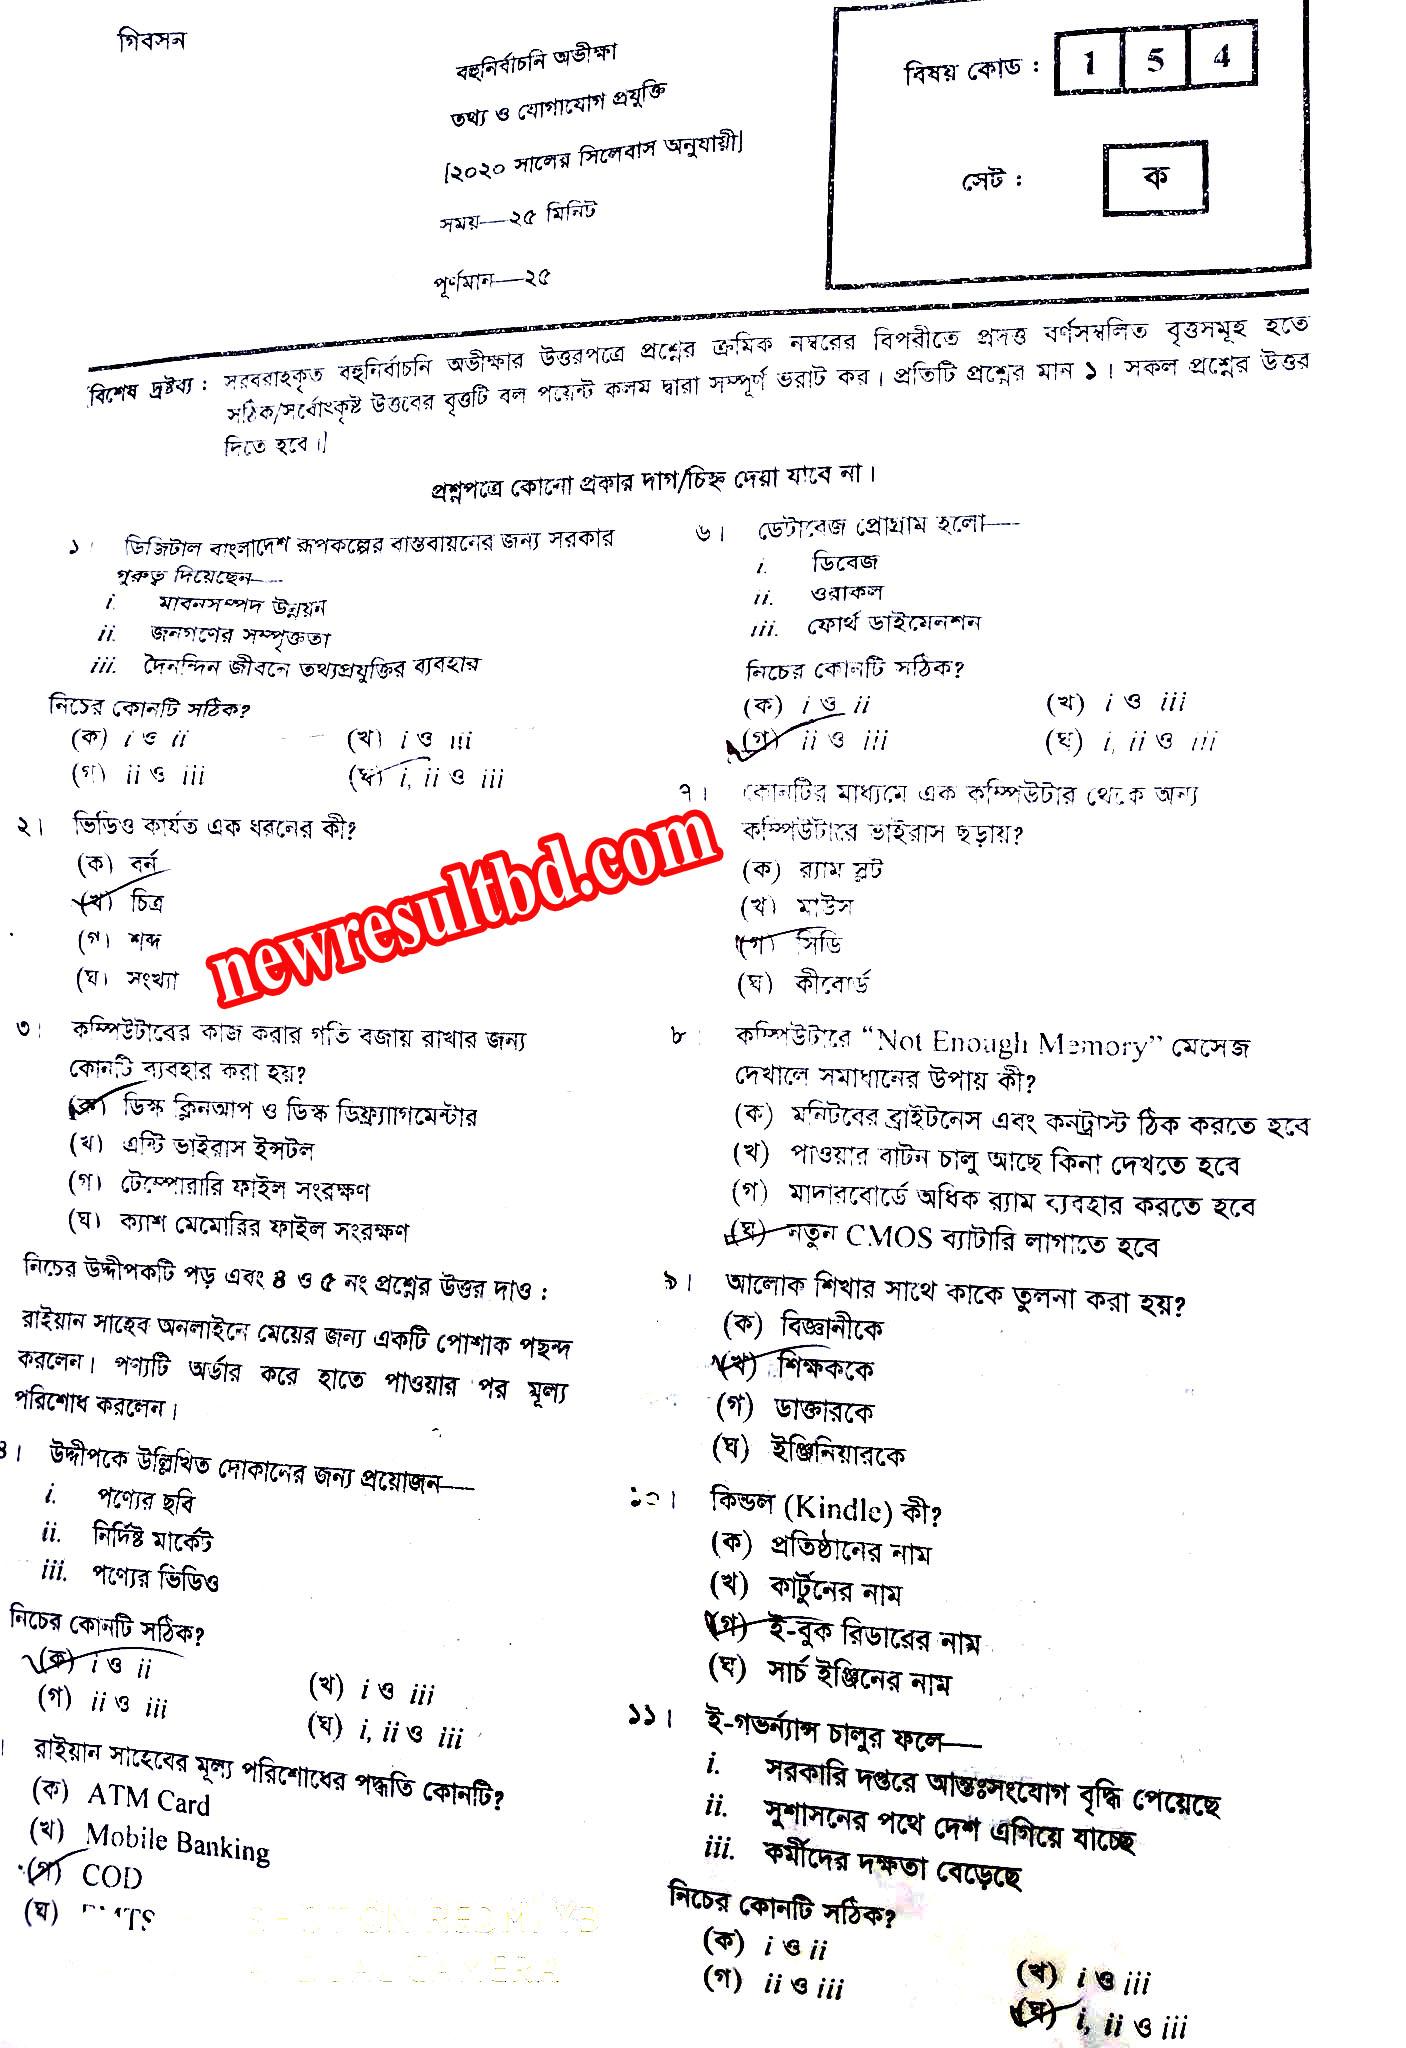 ICT-Exam-01